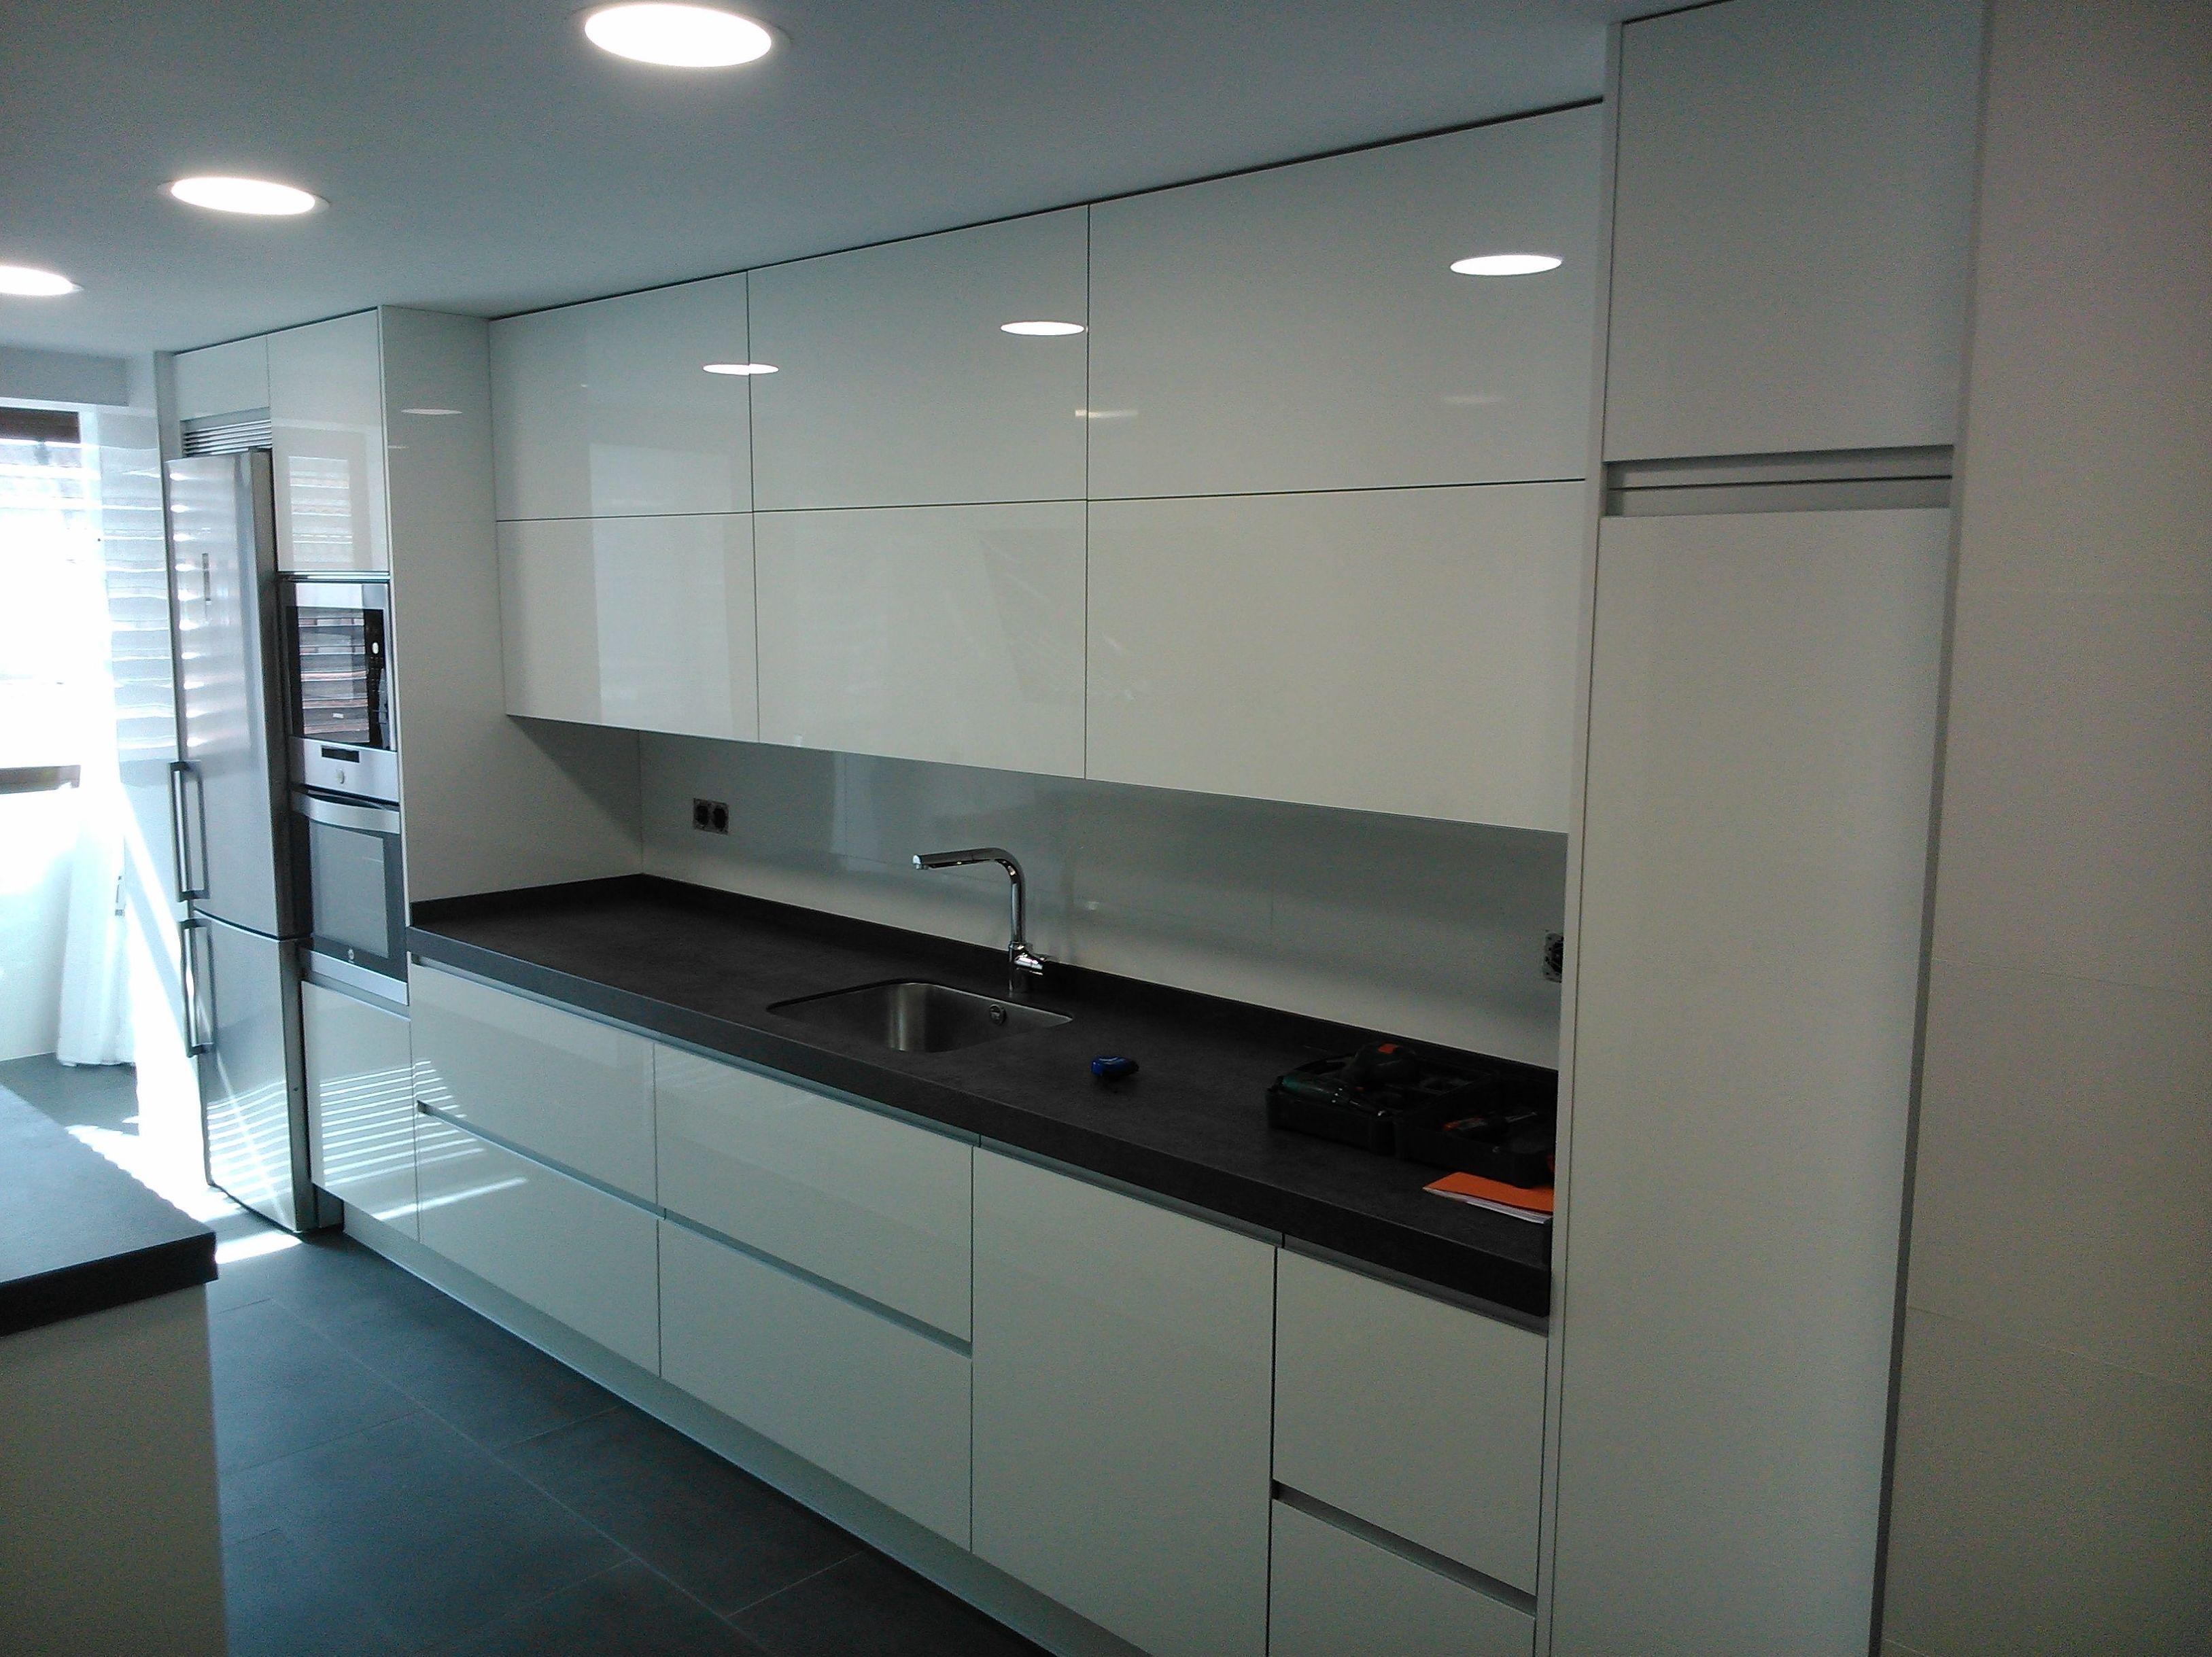 Foto 2 de Diseño de muebles y cocinas en Madrid en ...